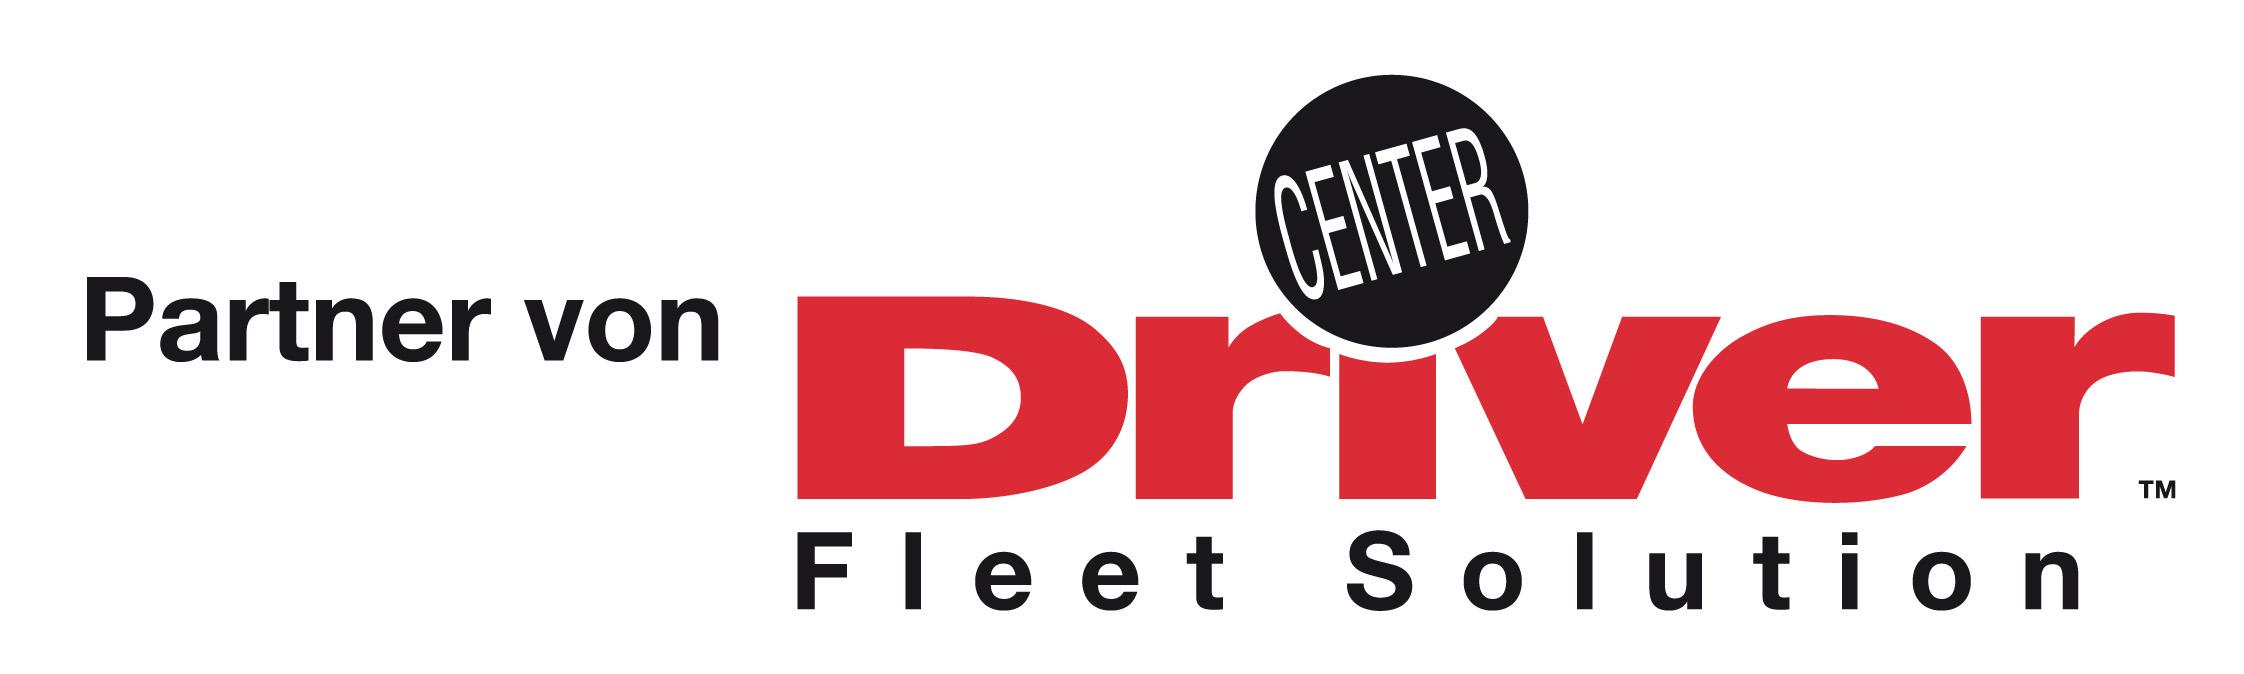 Partner von Driver-Fleet-Solution